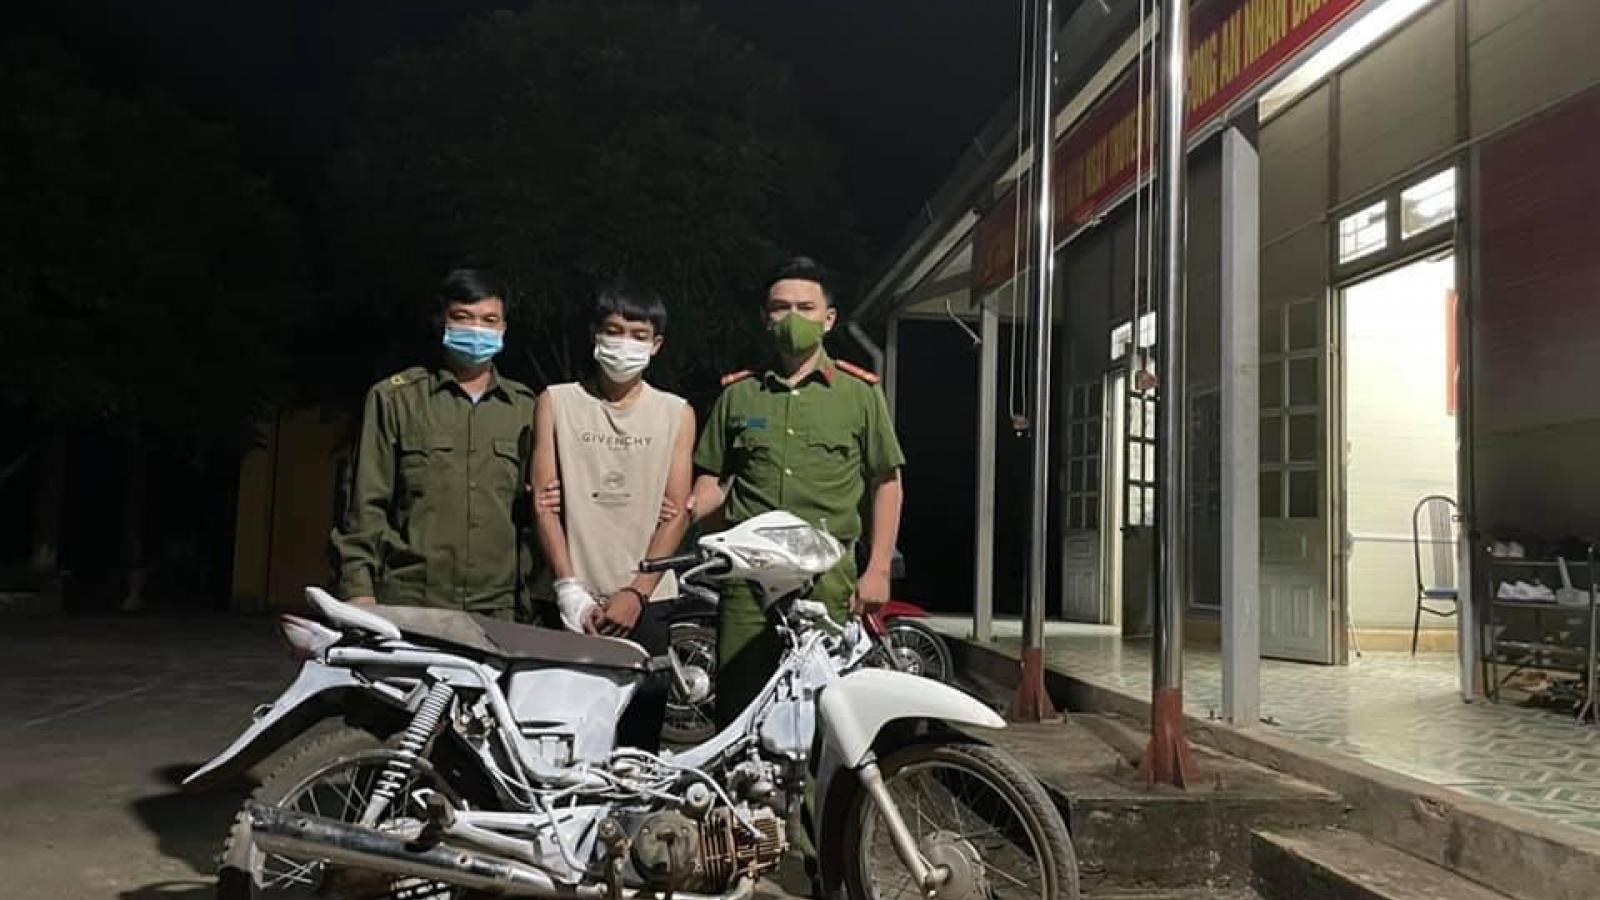 Kiểm tra hành chính, phát hiện đối tượng gây ra nhiều vụ trộm cắp xe máy ở Sơn La